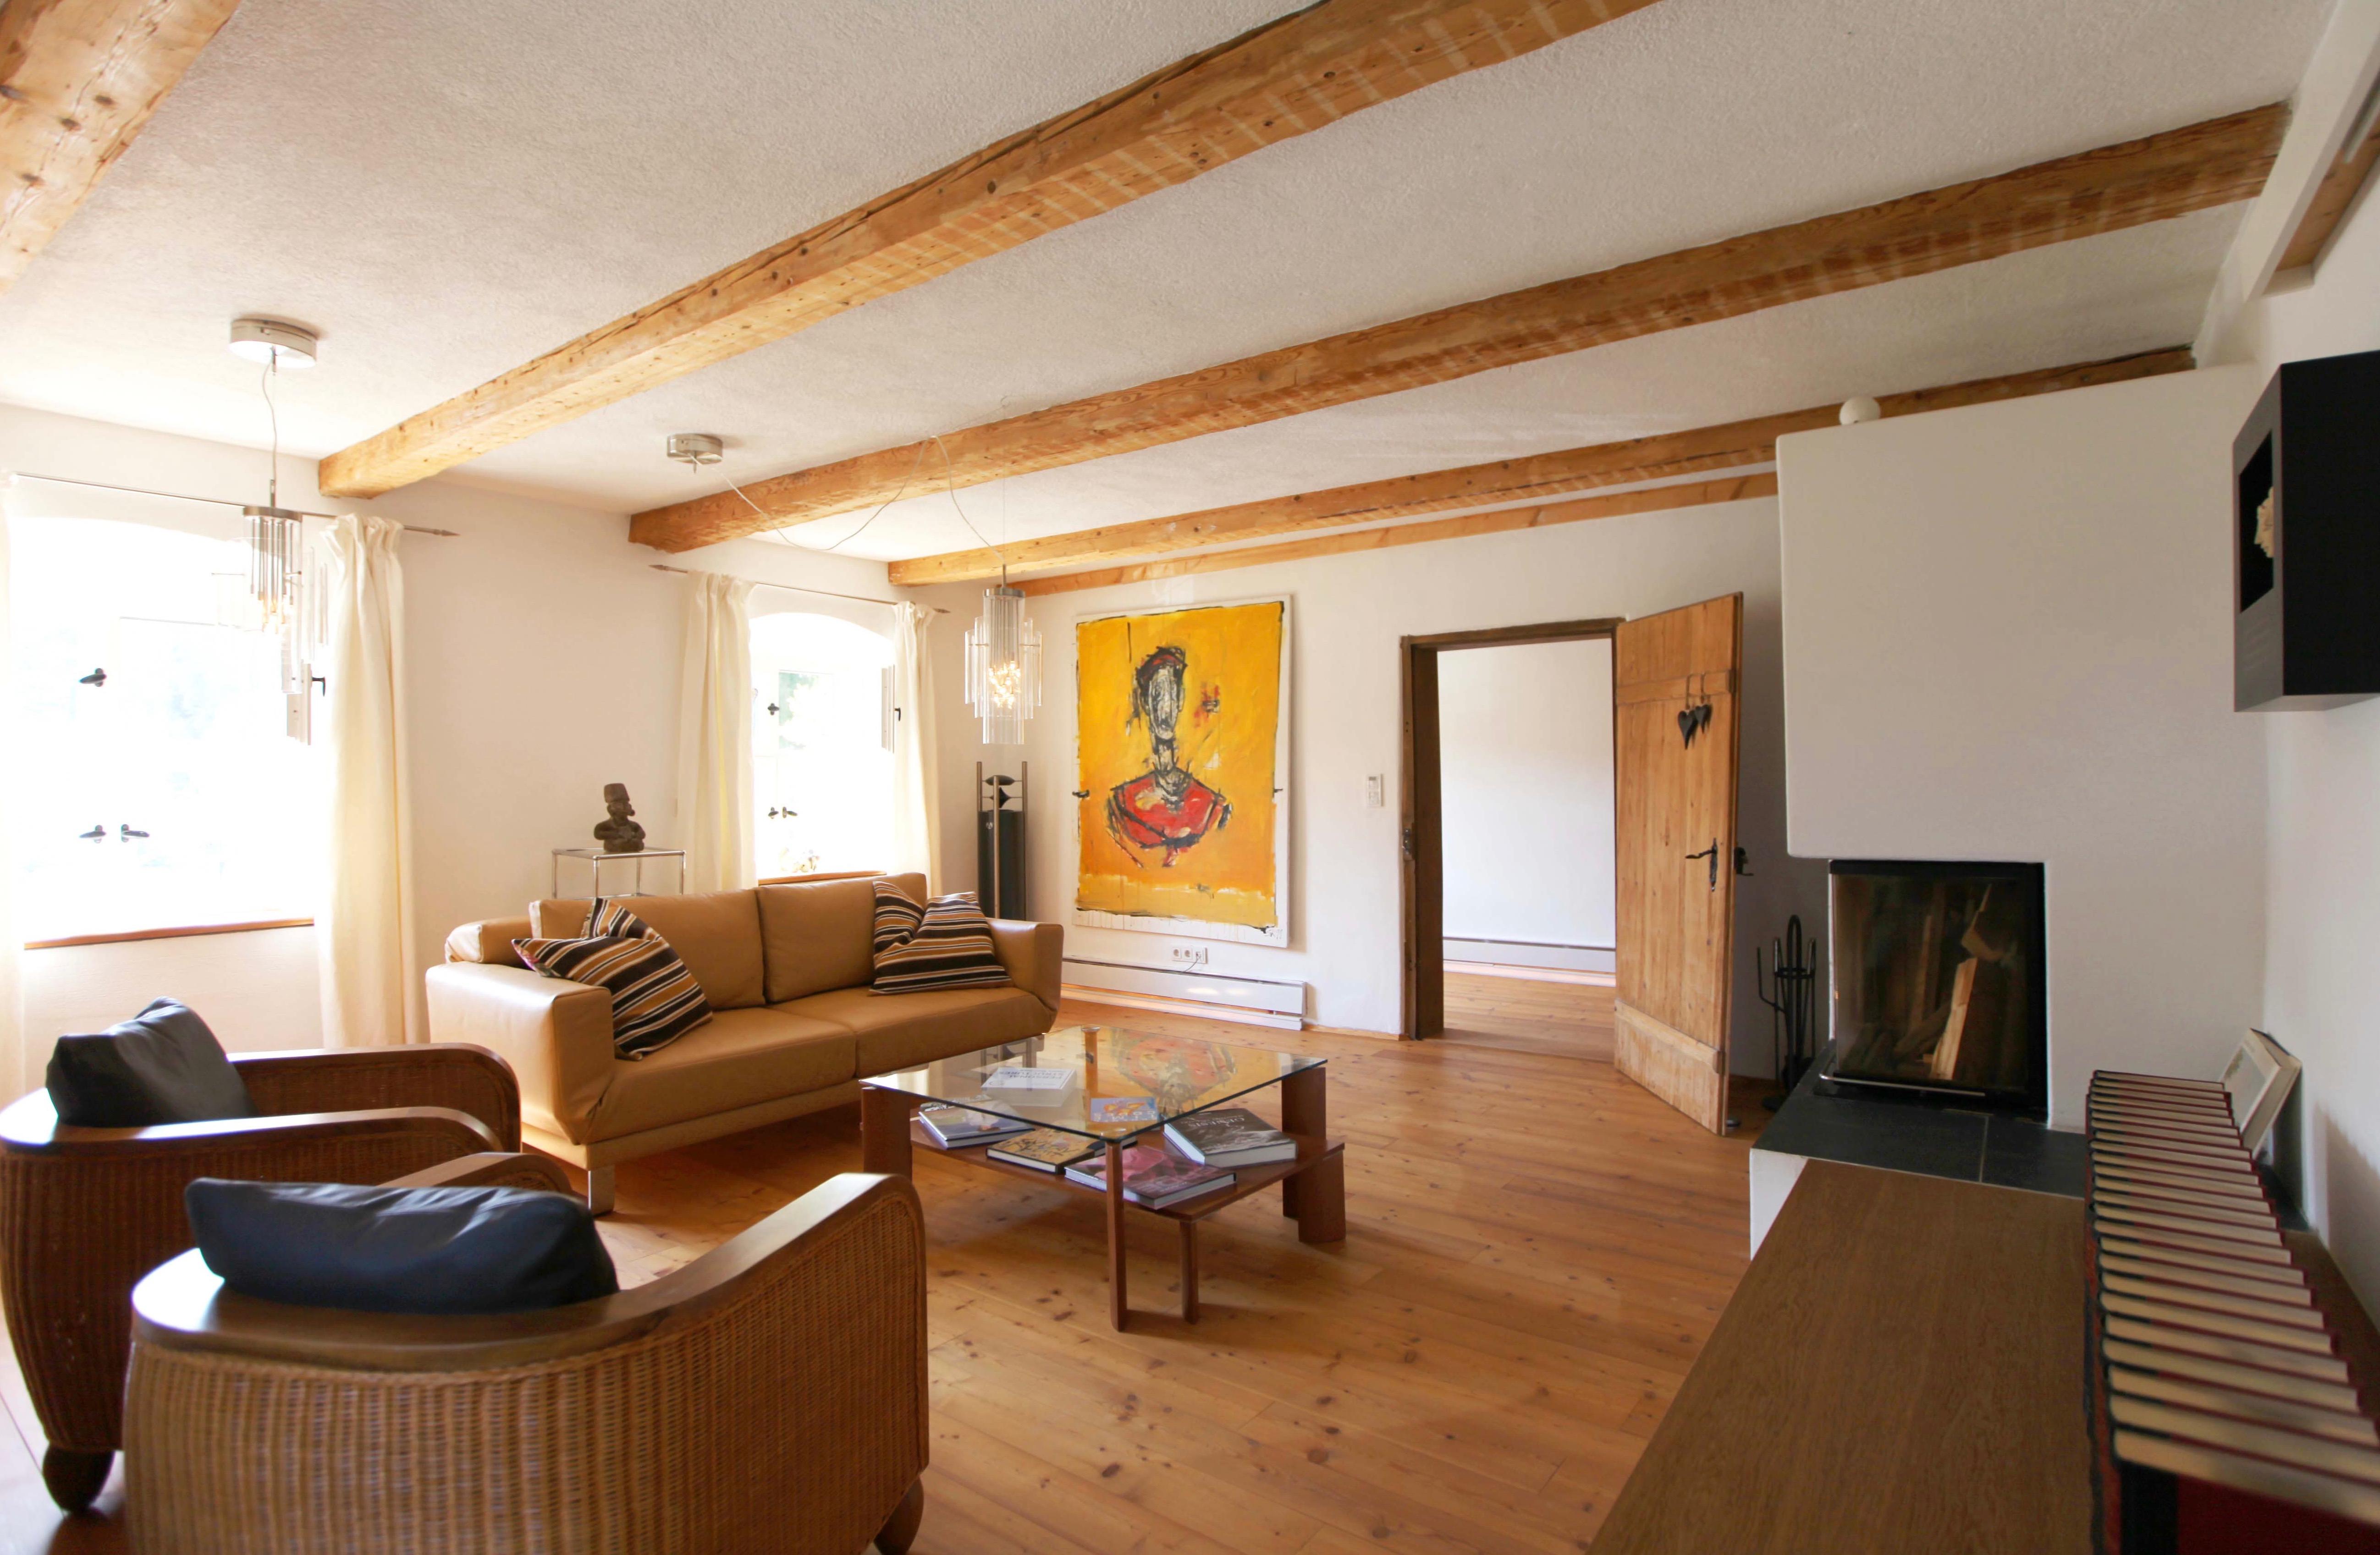 26 Wohnzimmer von Fernseher aus